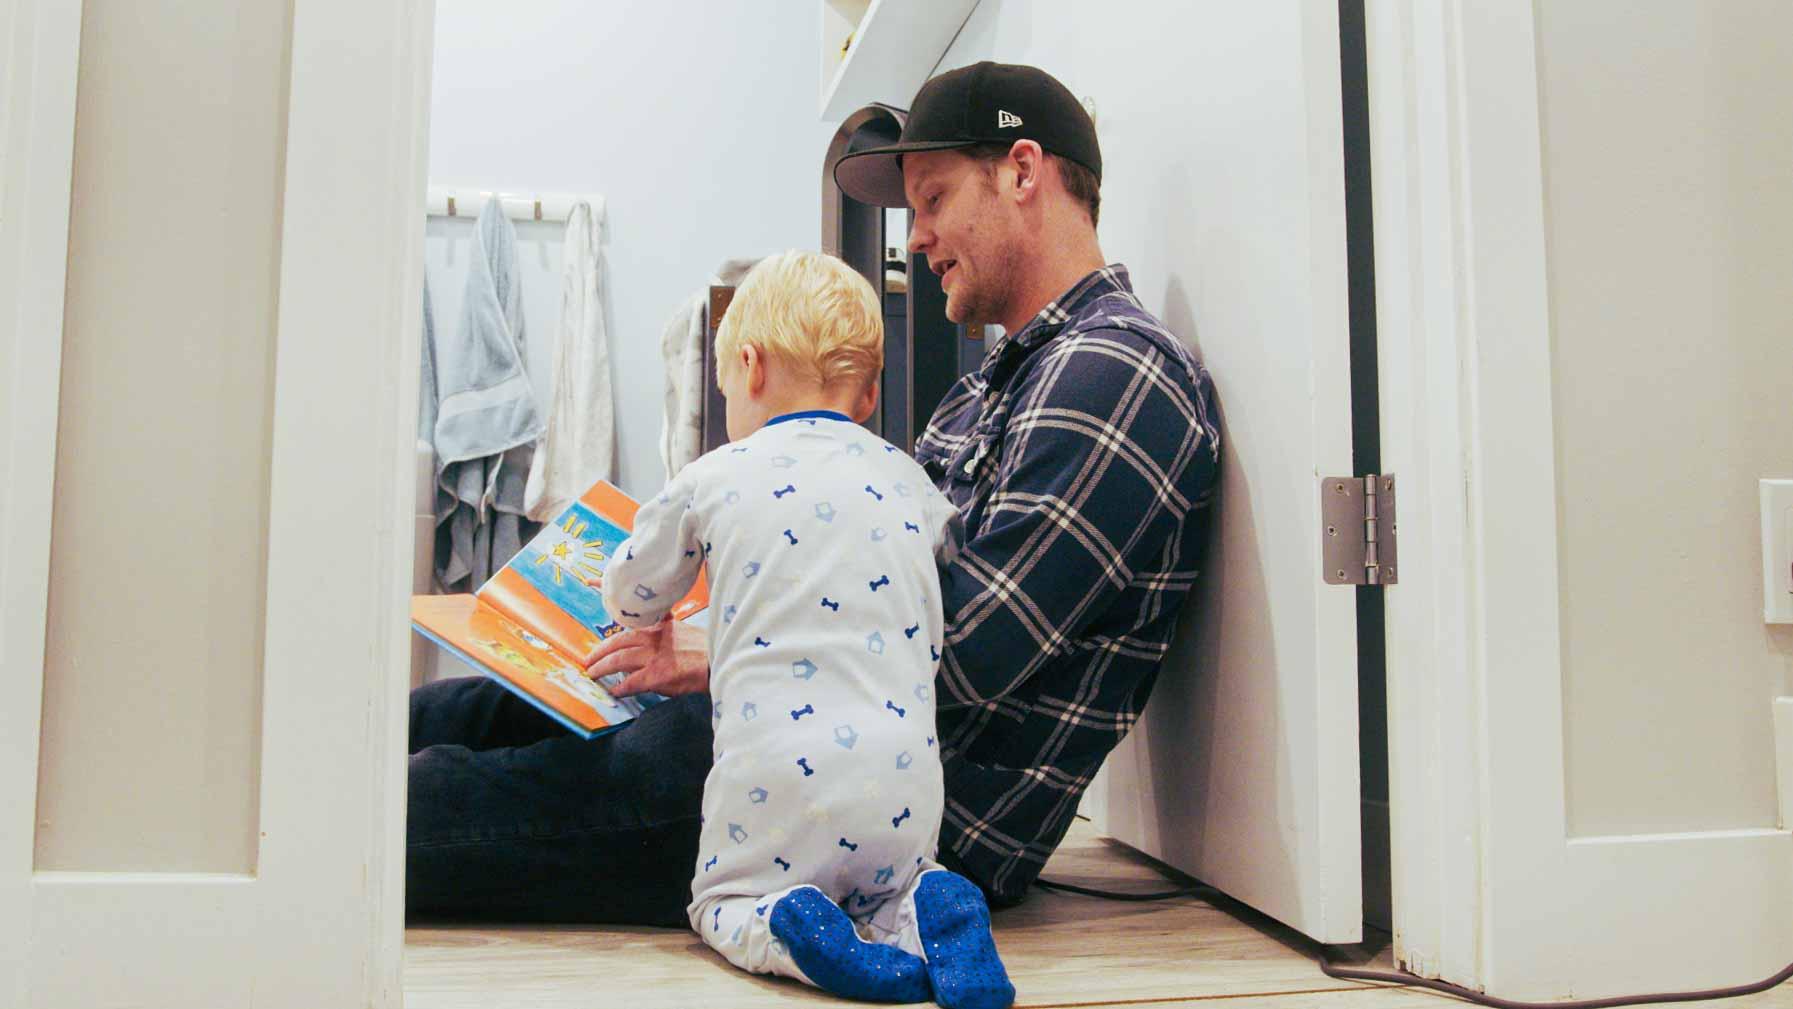 Matthew and Beckett reading a book